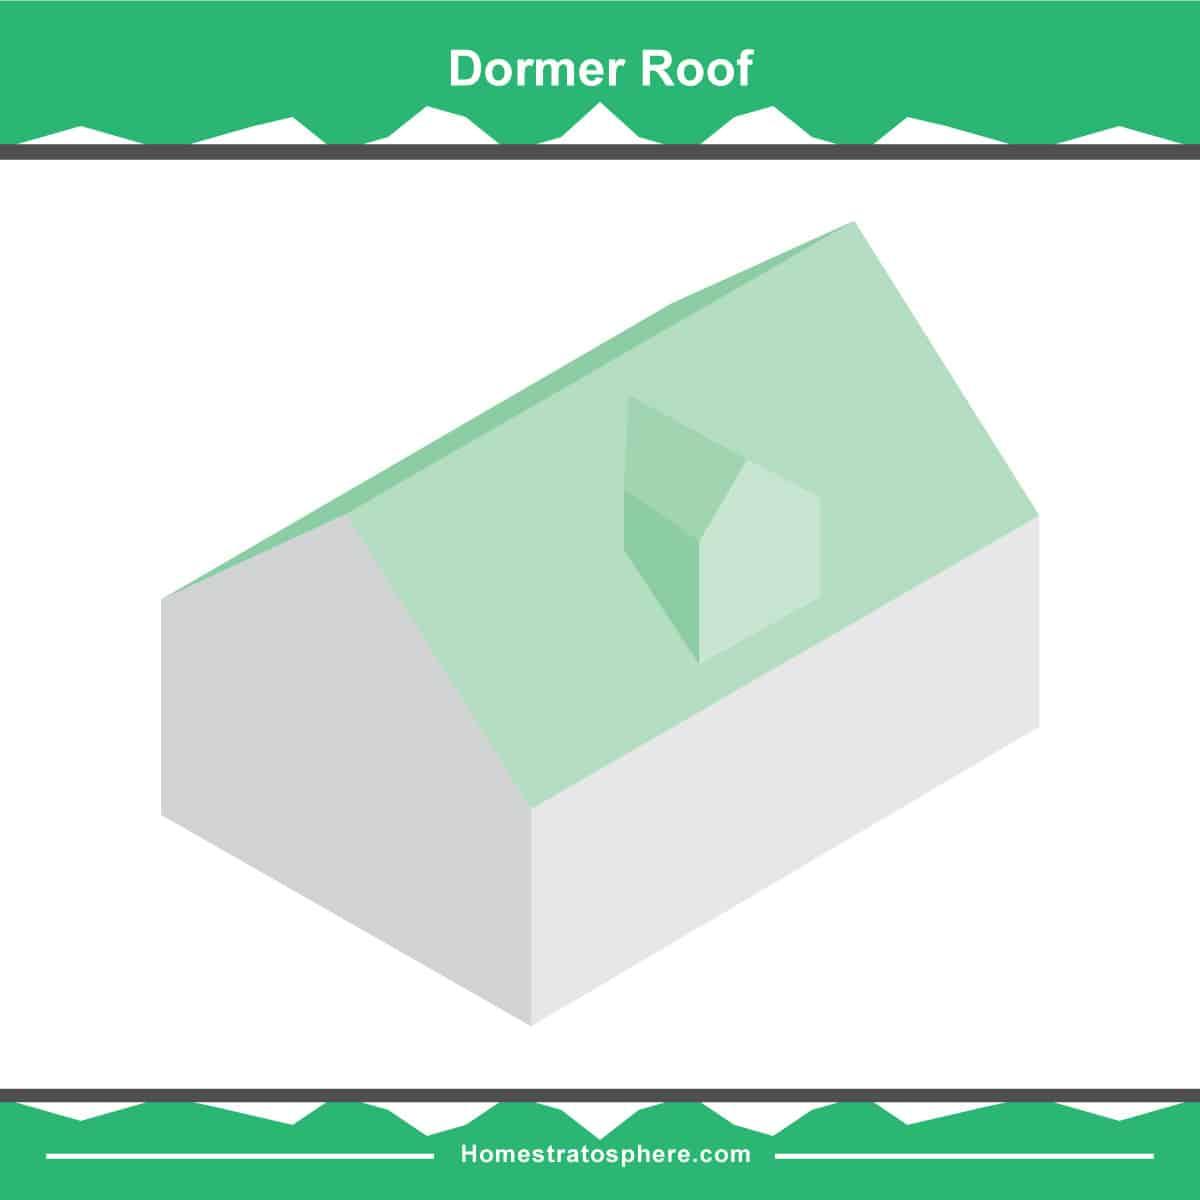 Dormer roof diagram